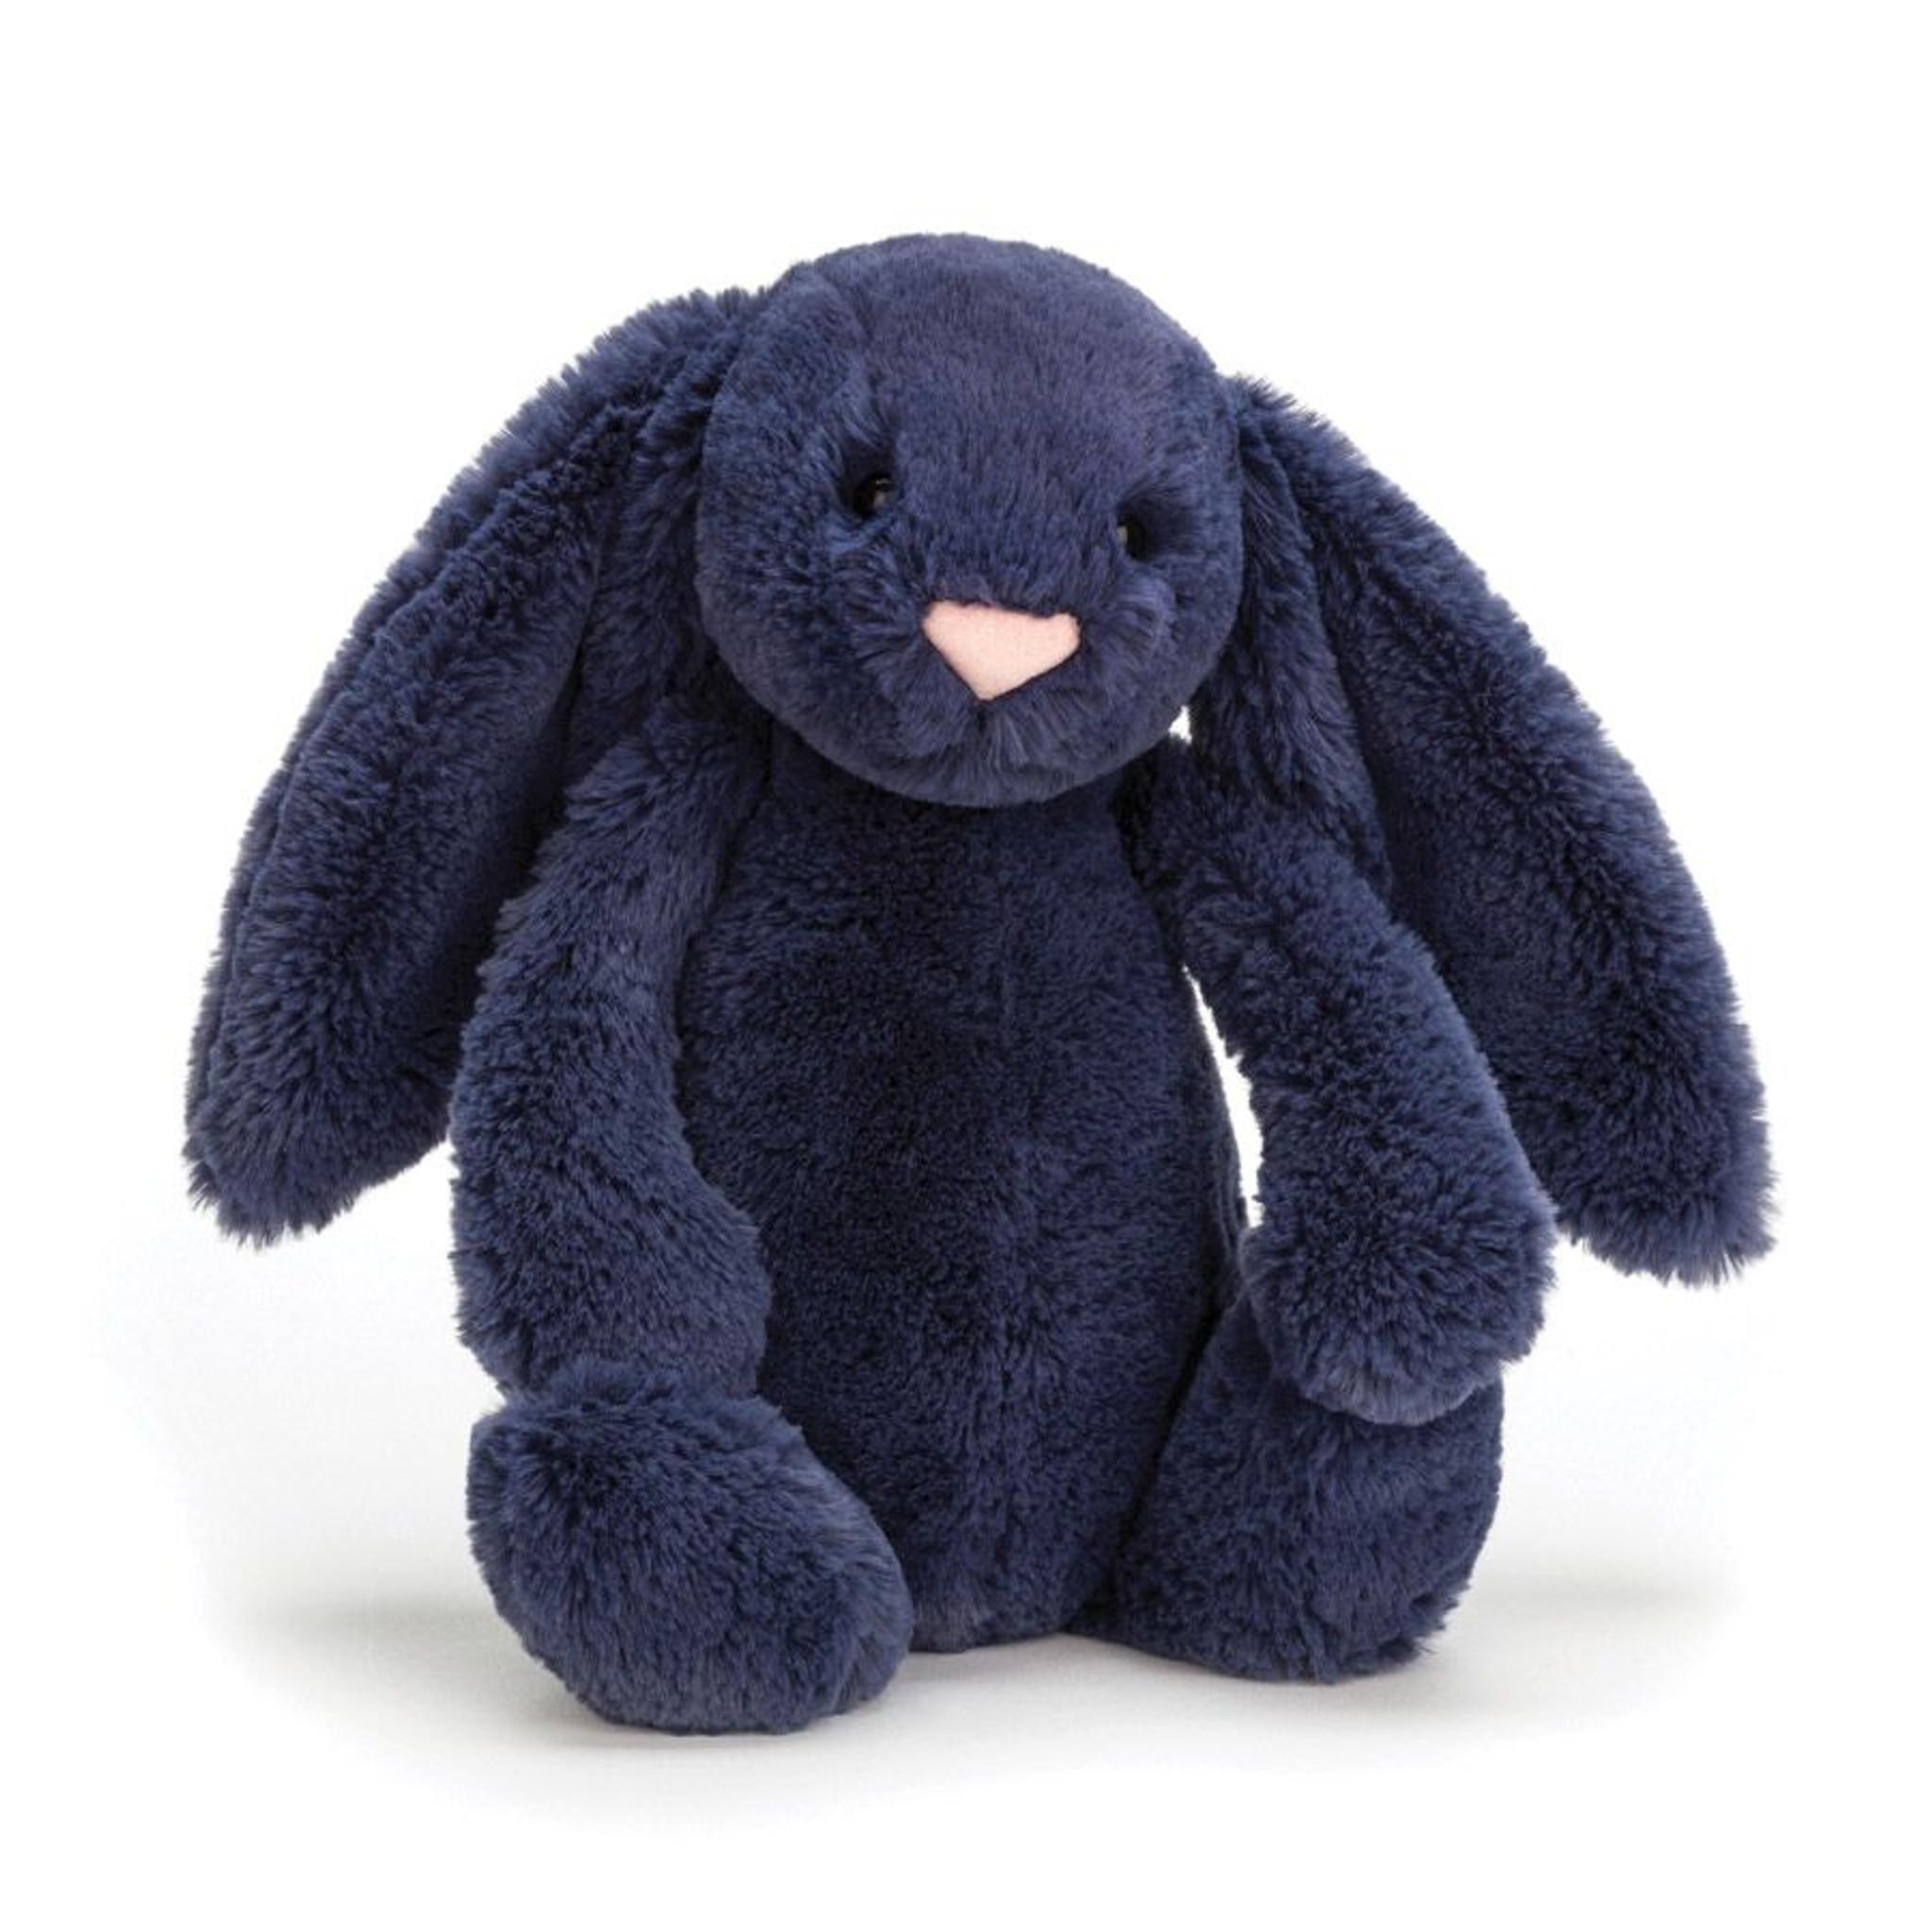 Bashful Navy Bunny - medium